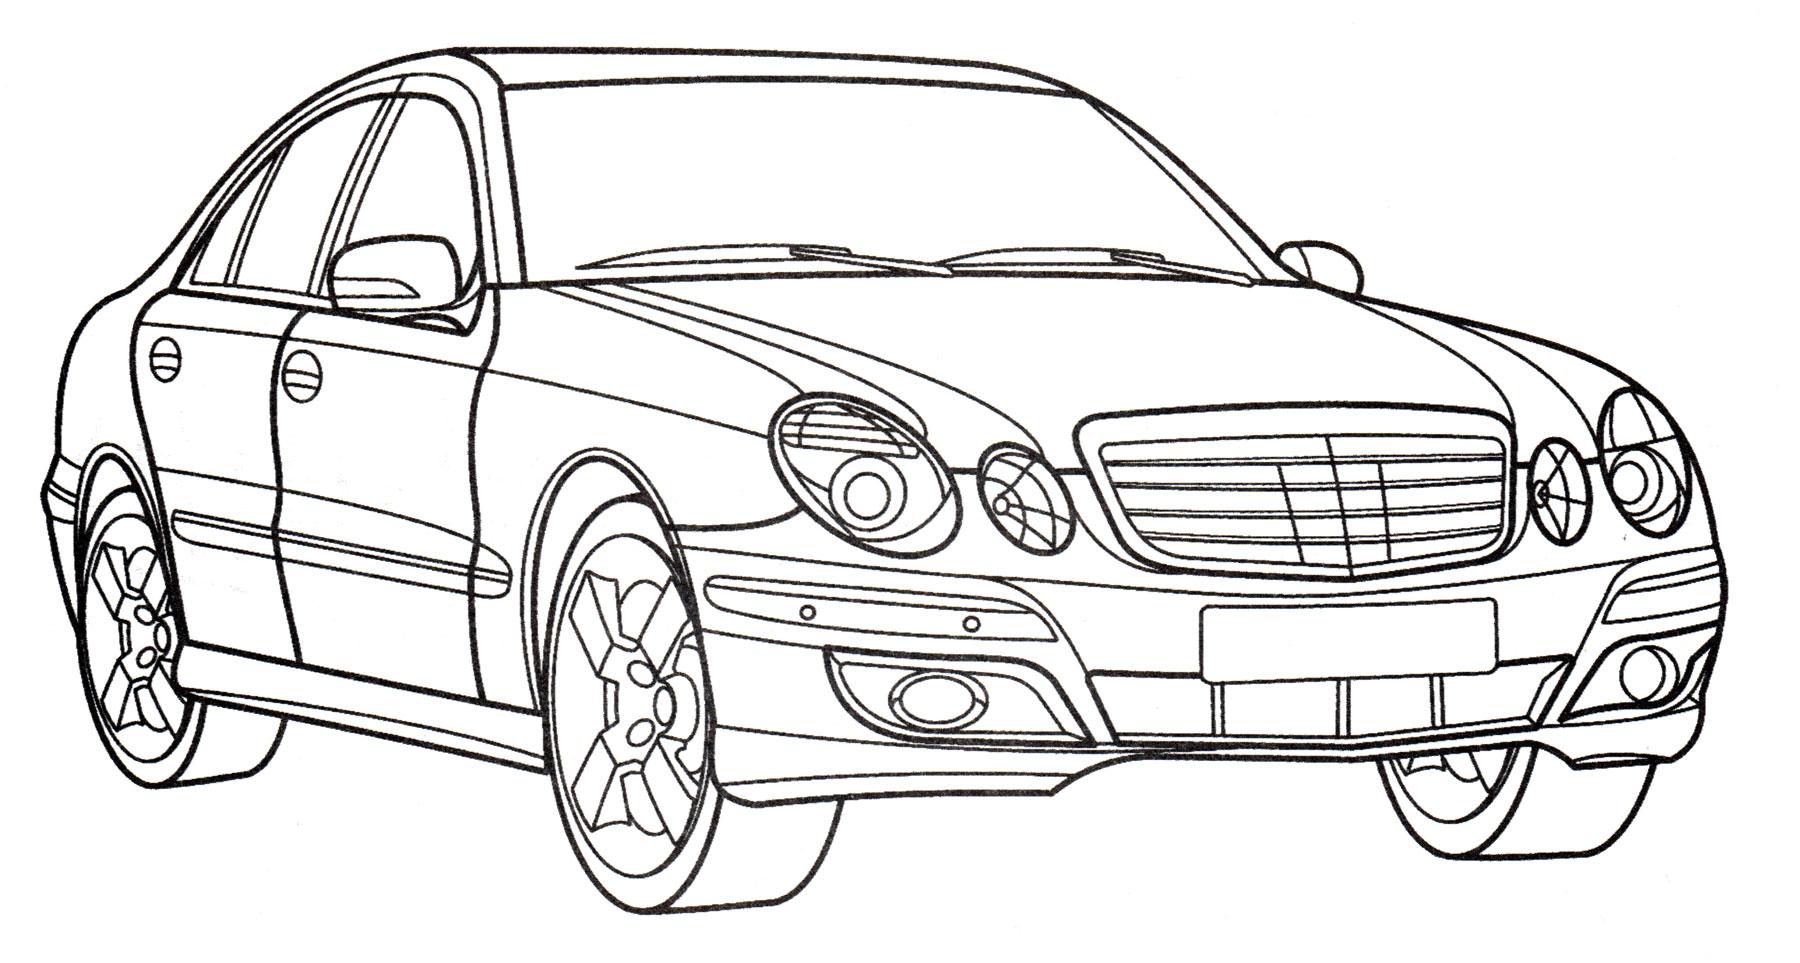 Раскраска Mercedes E350 - распечатать бесплатно